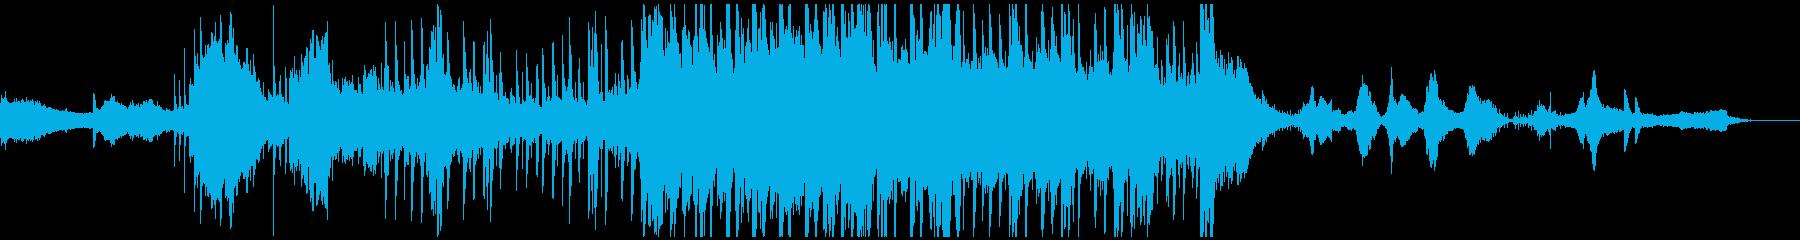 ALINEAの再生済みの波形